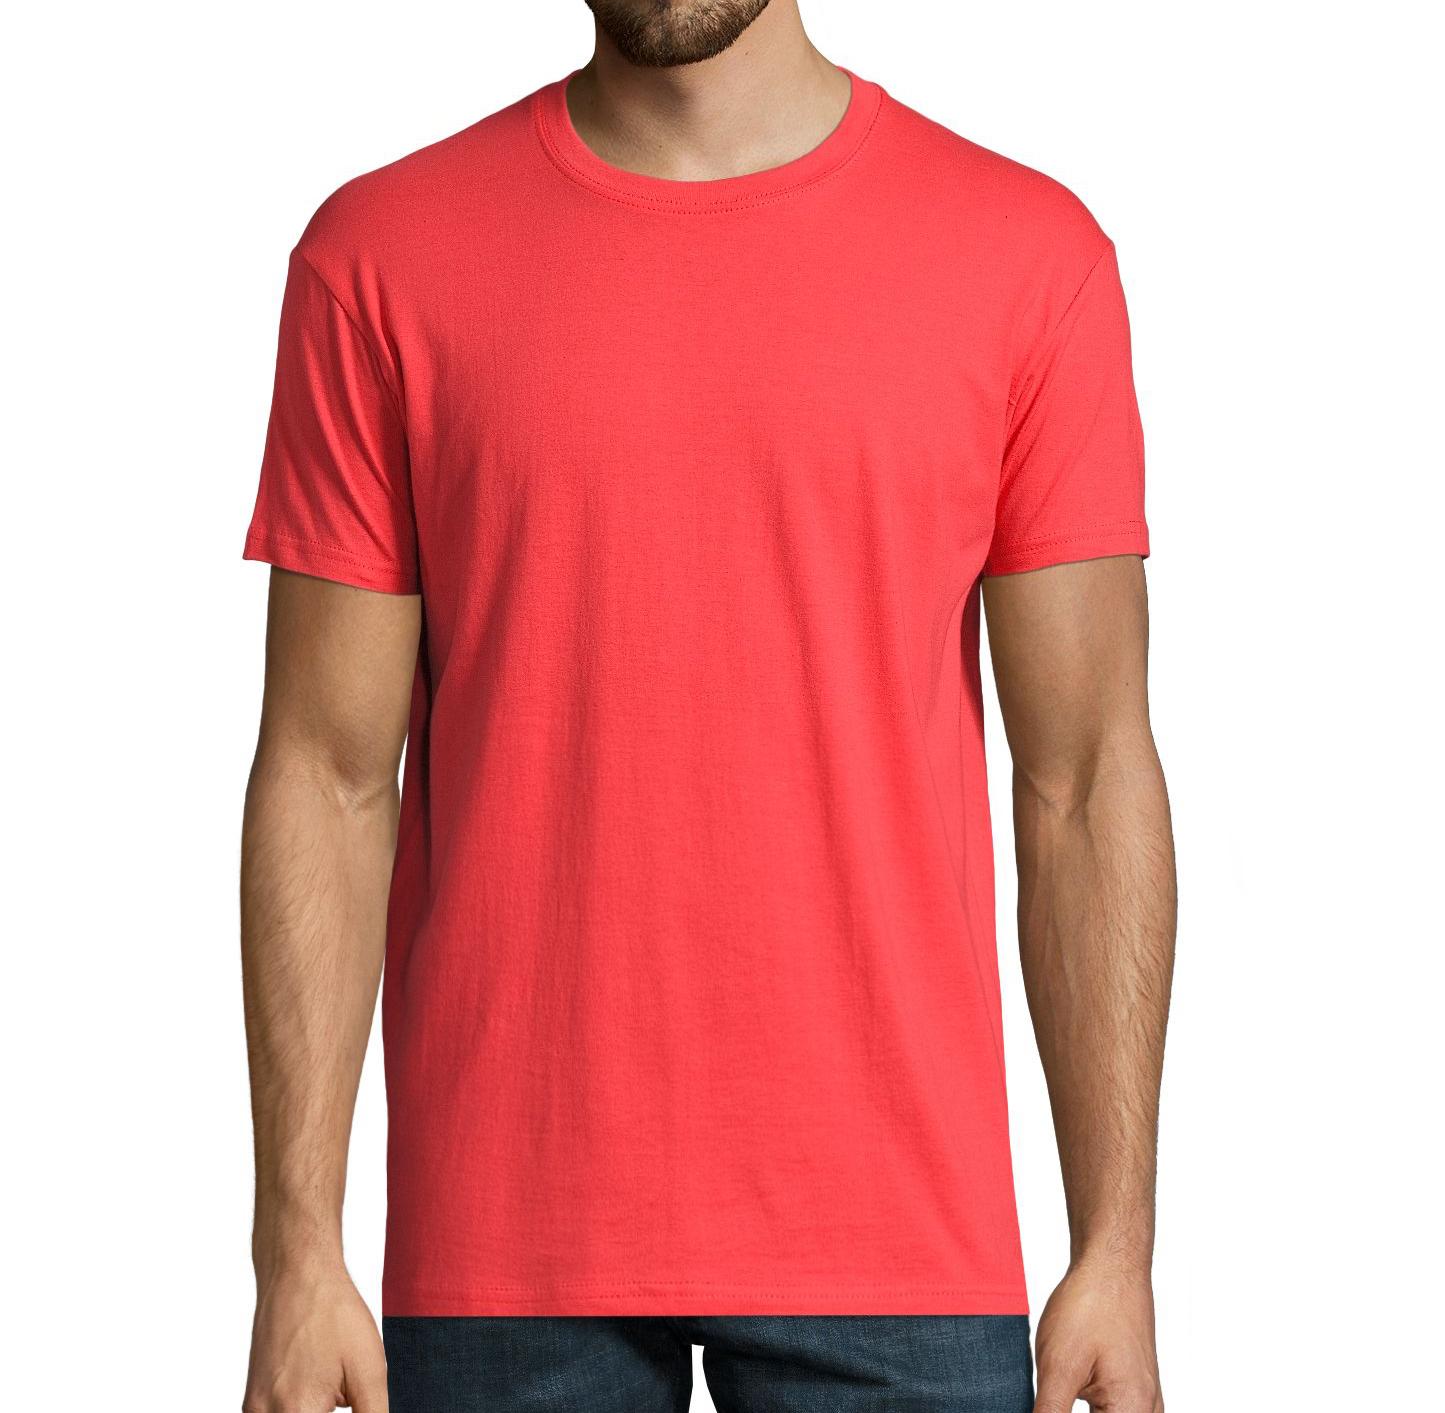 L190 - Imperial T-Shirt Sol´s